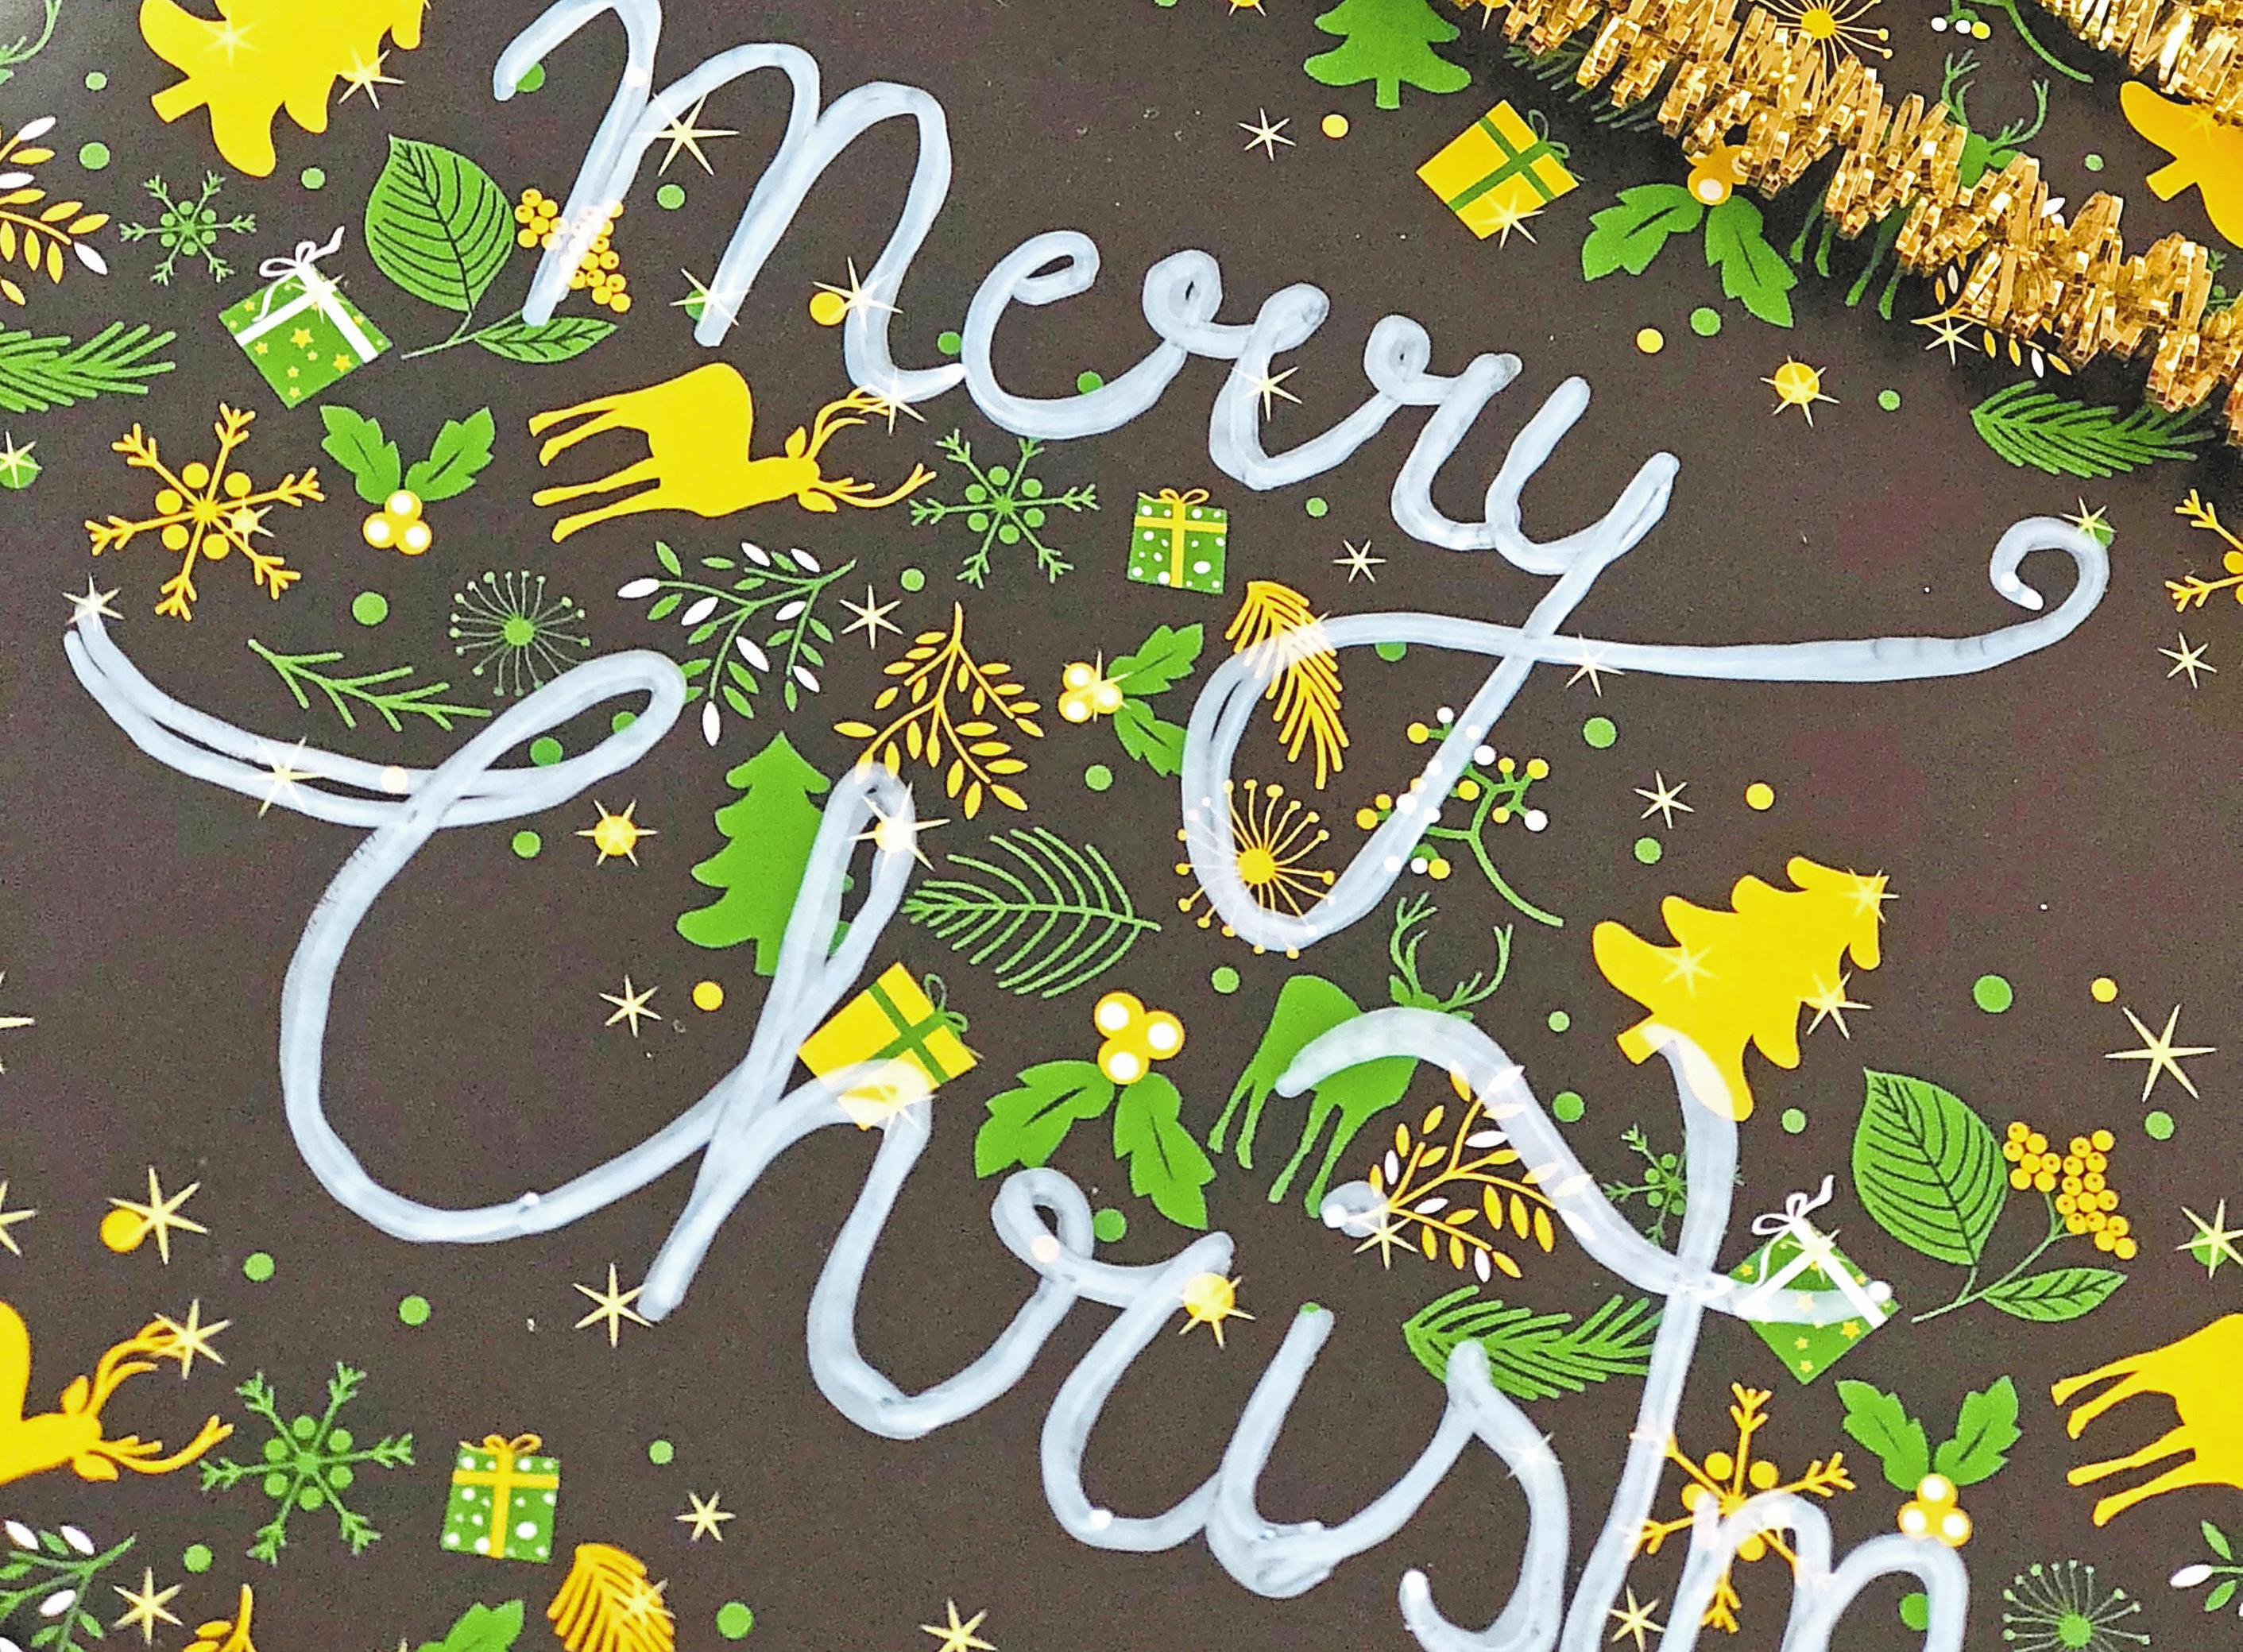 Zu Weihnachten ein echter Hingucker: Auf die Verpackung wollen die Bundesbürger nicht verzichten. Foto: djd/www.planetpaket.de